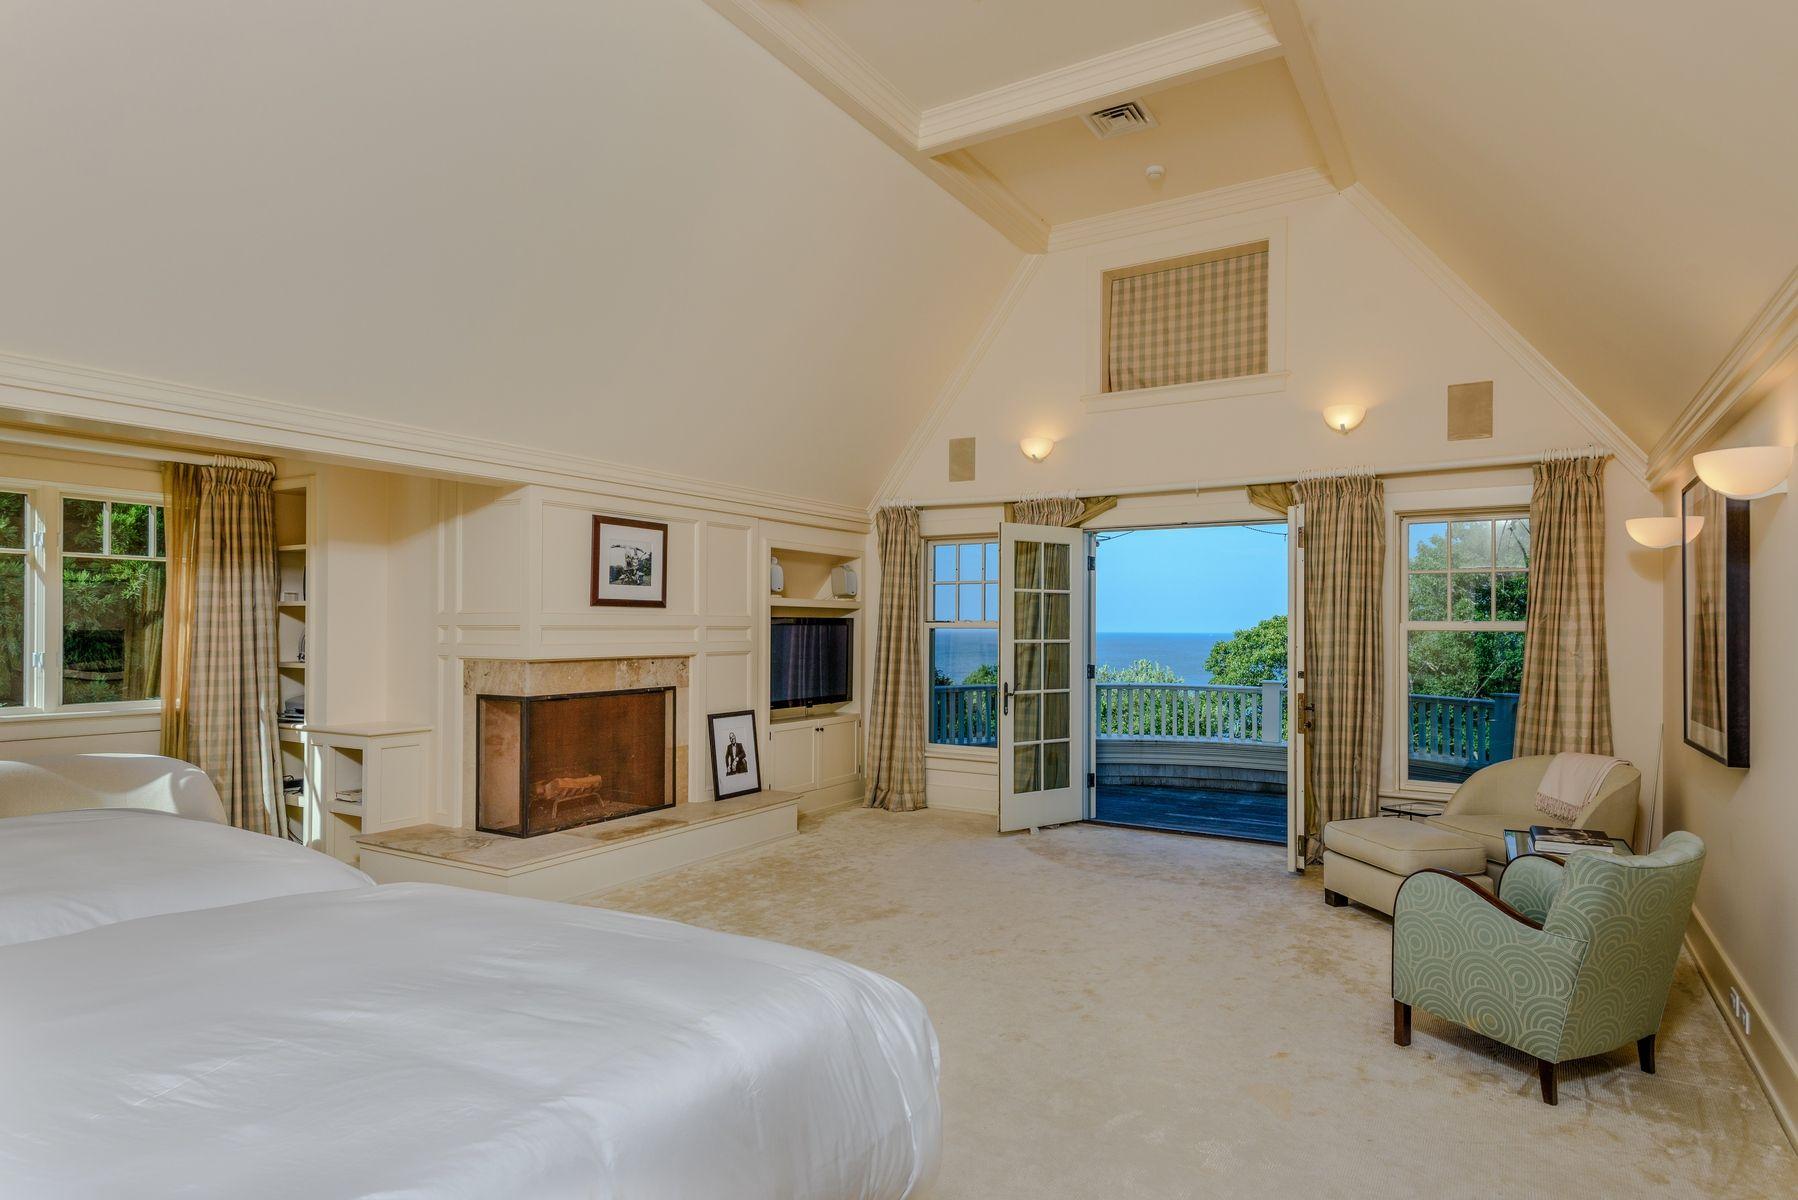 harvey weinstein lists hamptons home bedroom